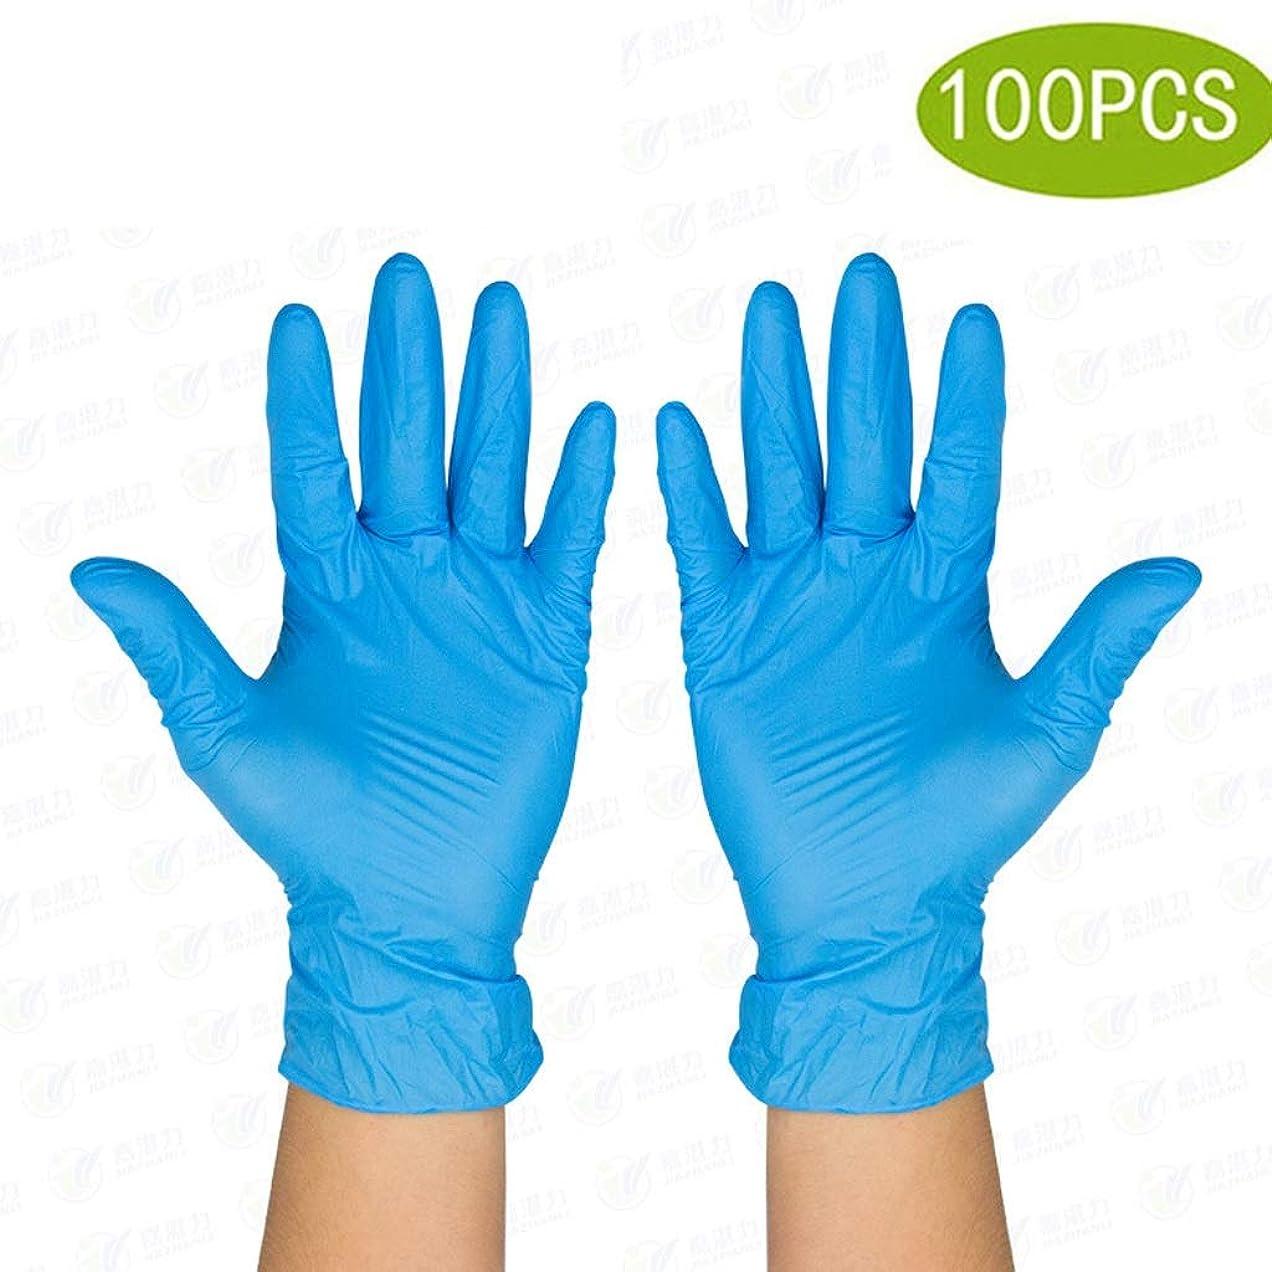 サワー輝度保存する保護用使い捨てニトリル医療用手袋、3mil、ラテックスフリー、試験グレードの手袋、質感のある、両性、非滅菌の、100ラテックス手袋のパック (Color : Blue, Size : L)